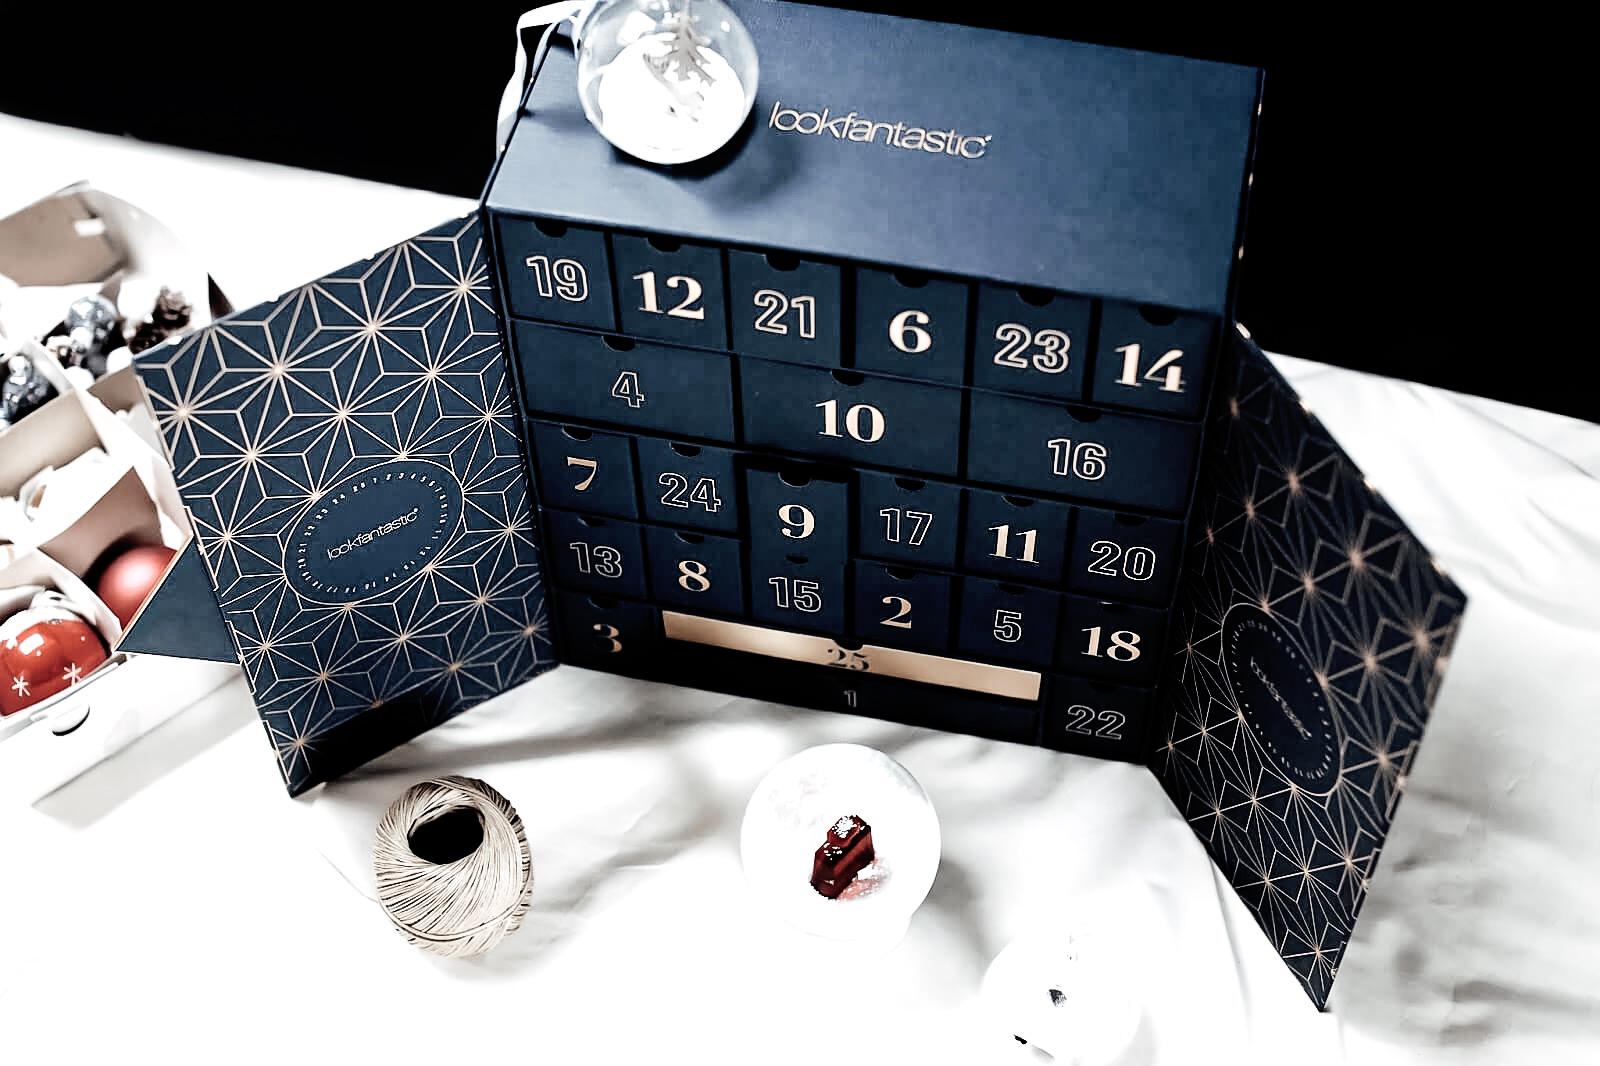 lookfantastic-calendrier-de-lavent-noel-2019-prix-contenu-avis-conseil